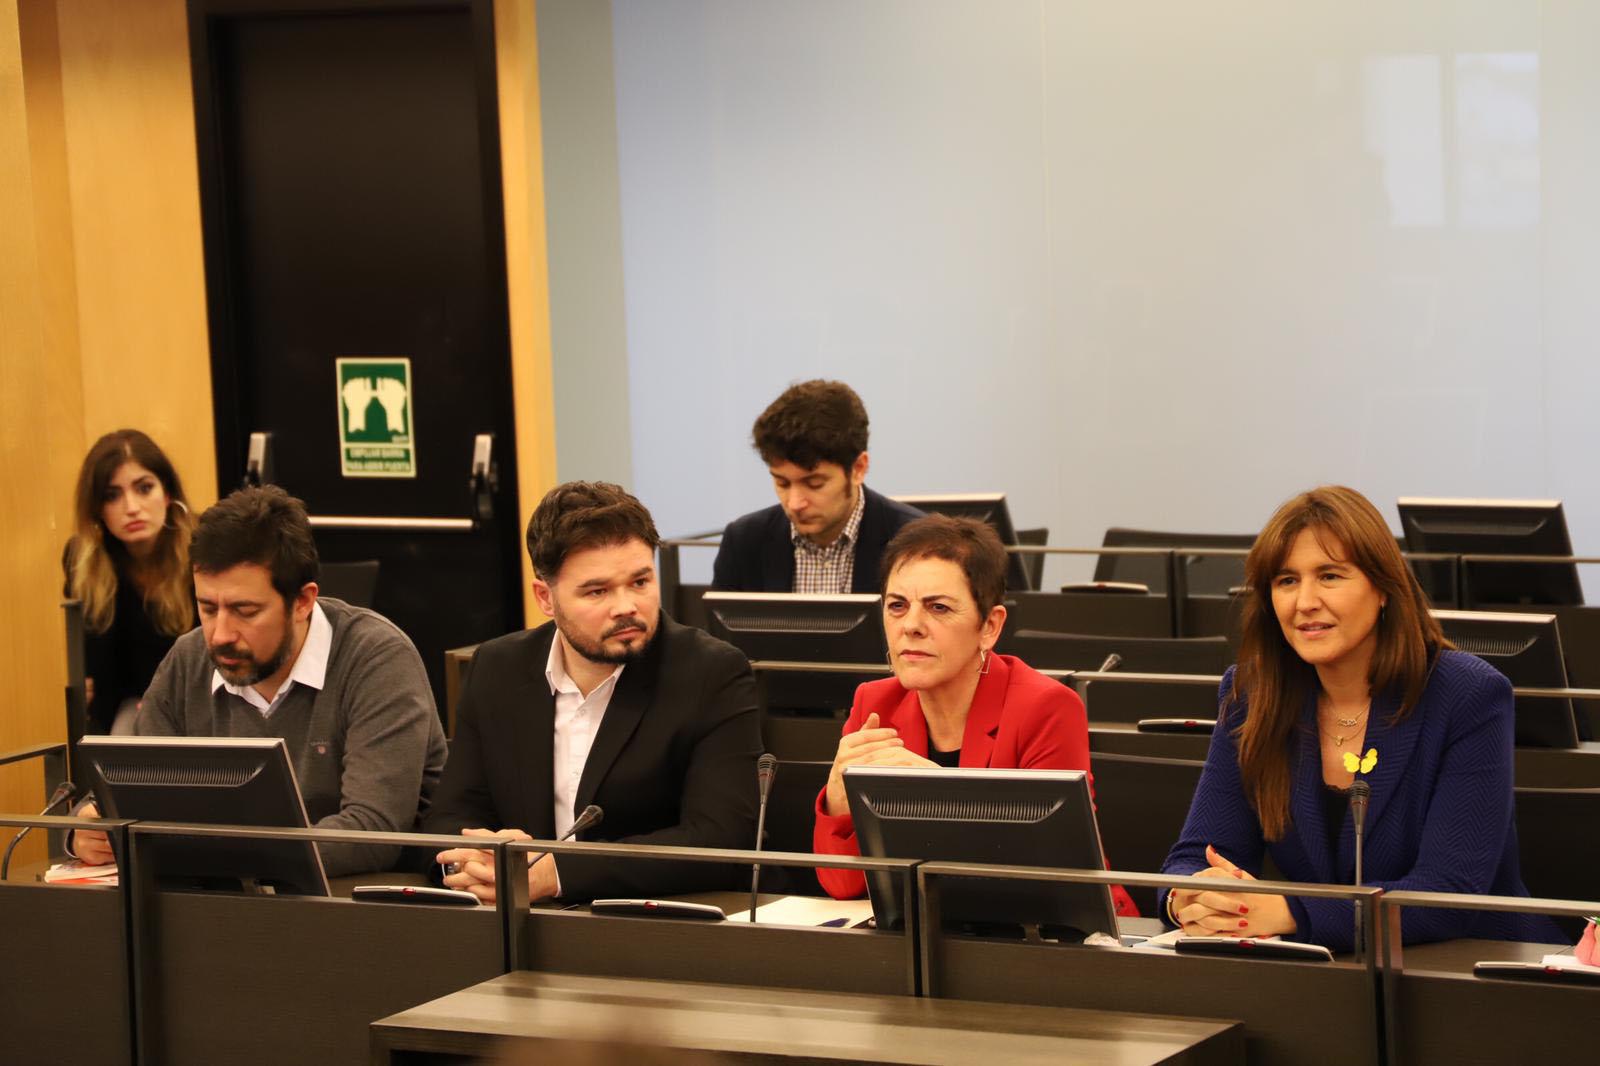 La oficialidá del asturianu llega güei al Congresu